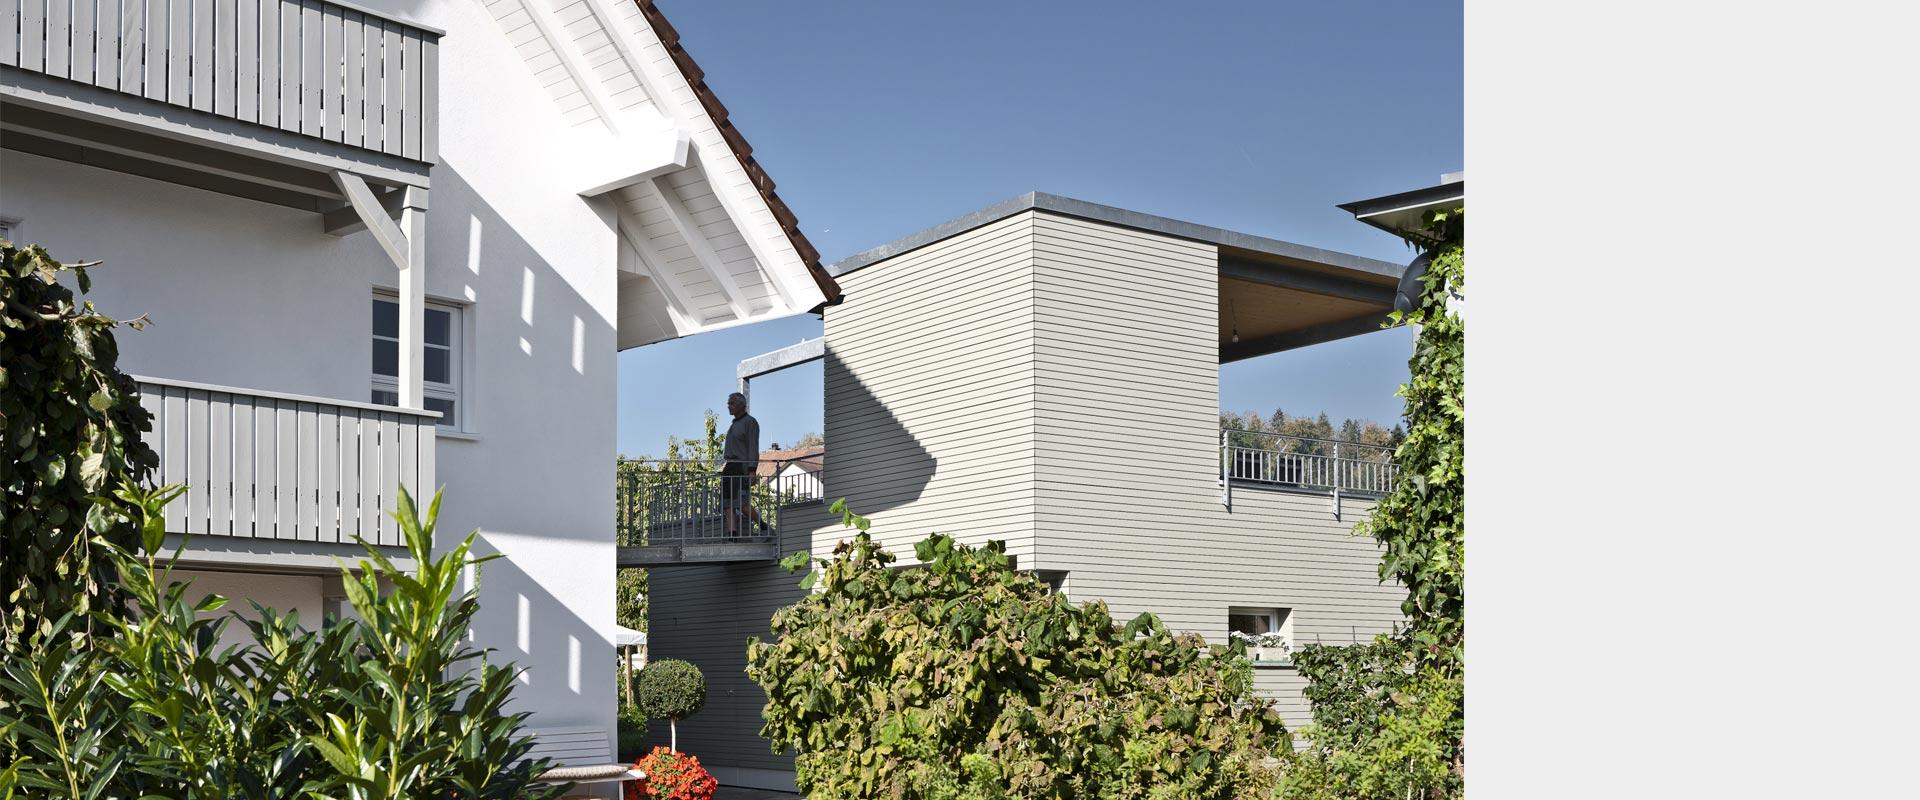 architekturbuero_henning_musahl_mehrgenerationen_wohnen11